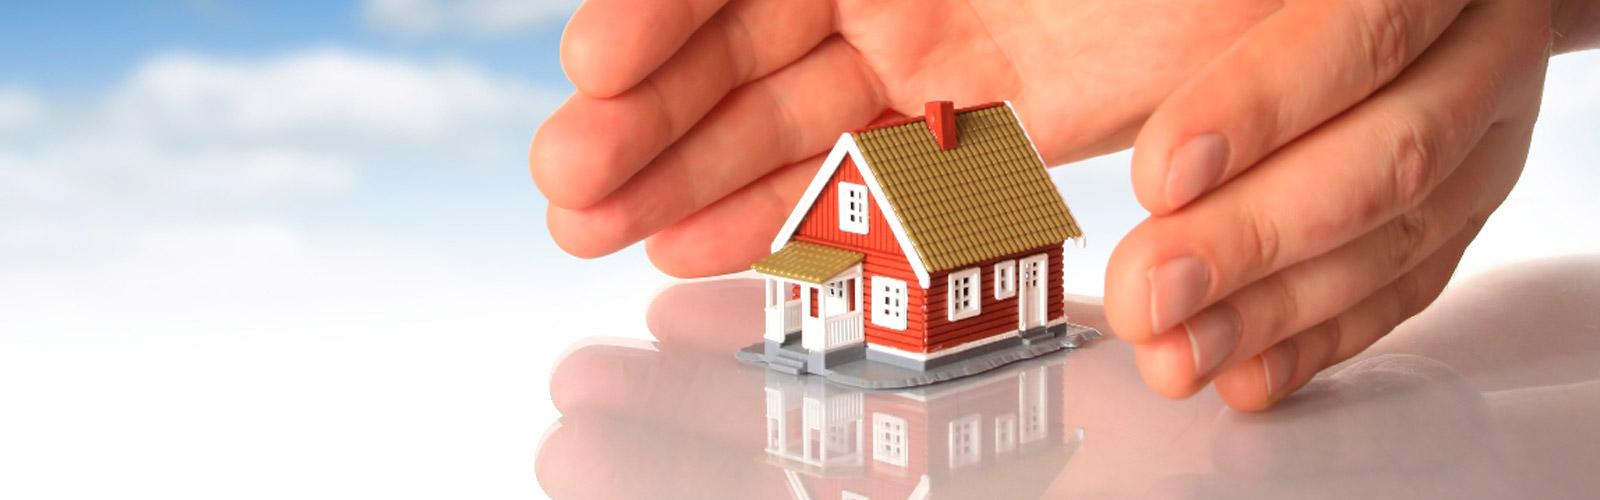 Servicio de Asesoría Legal en Saneamiento físico legal de inmuebles - DerechoInmobiliario.pe